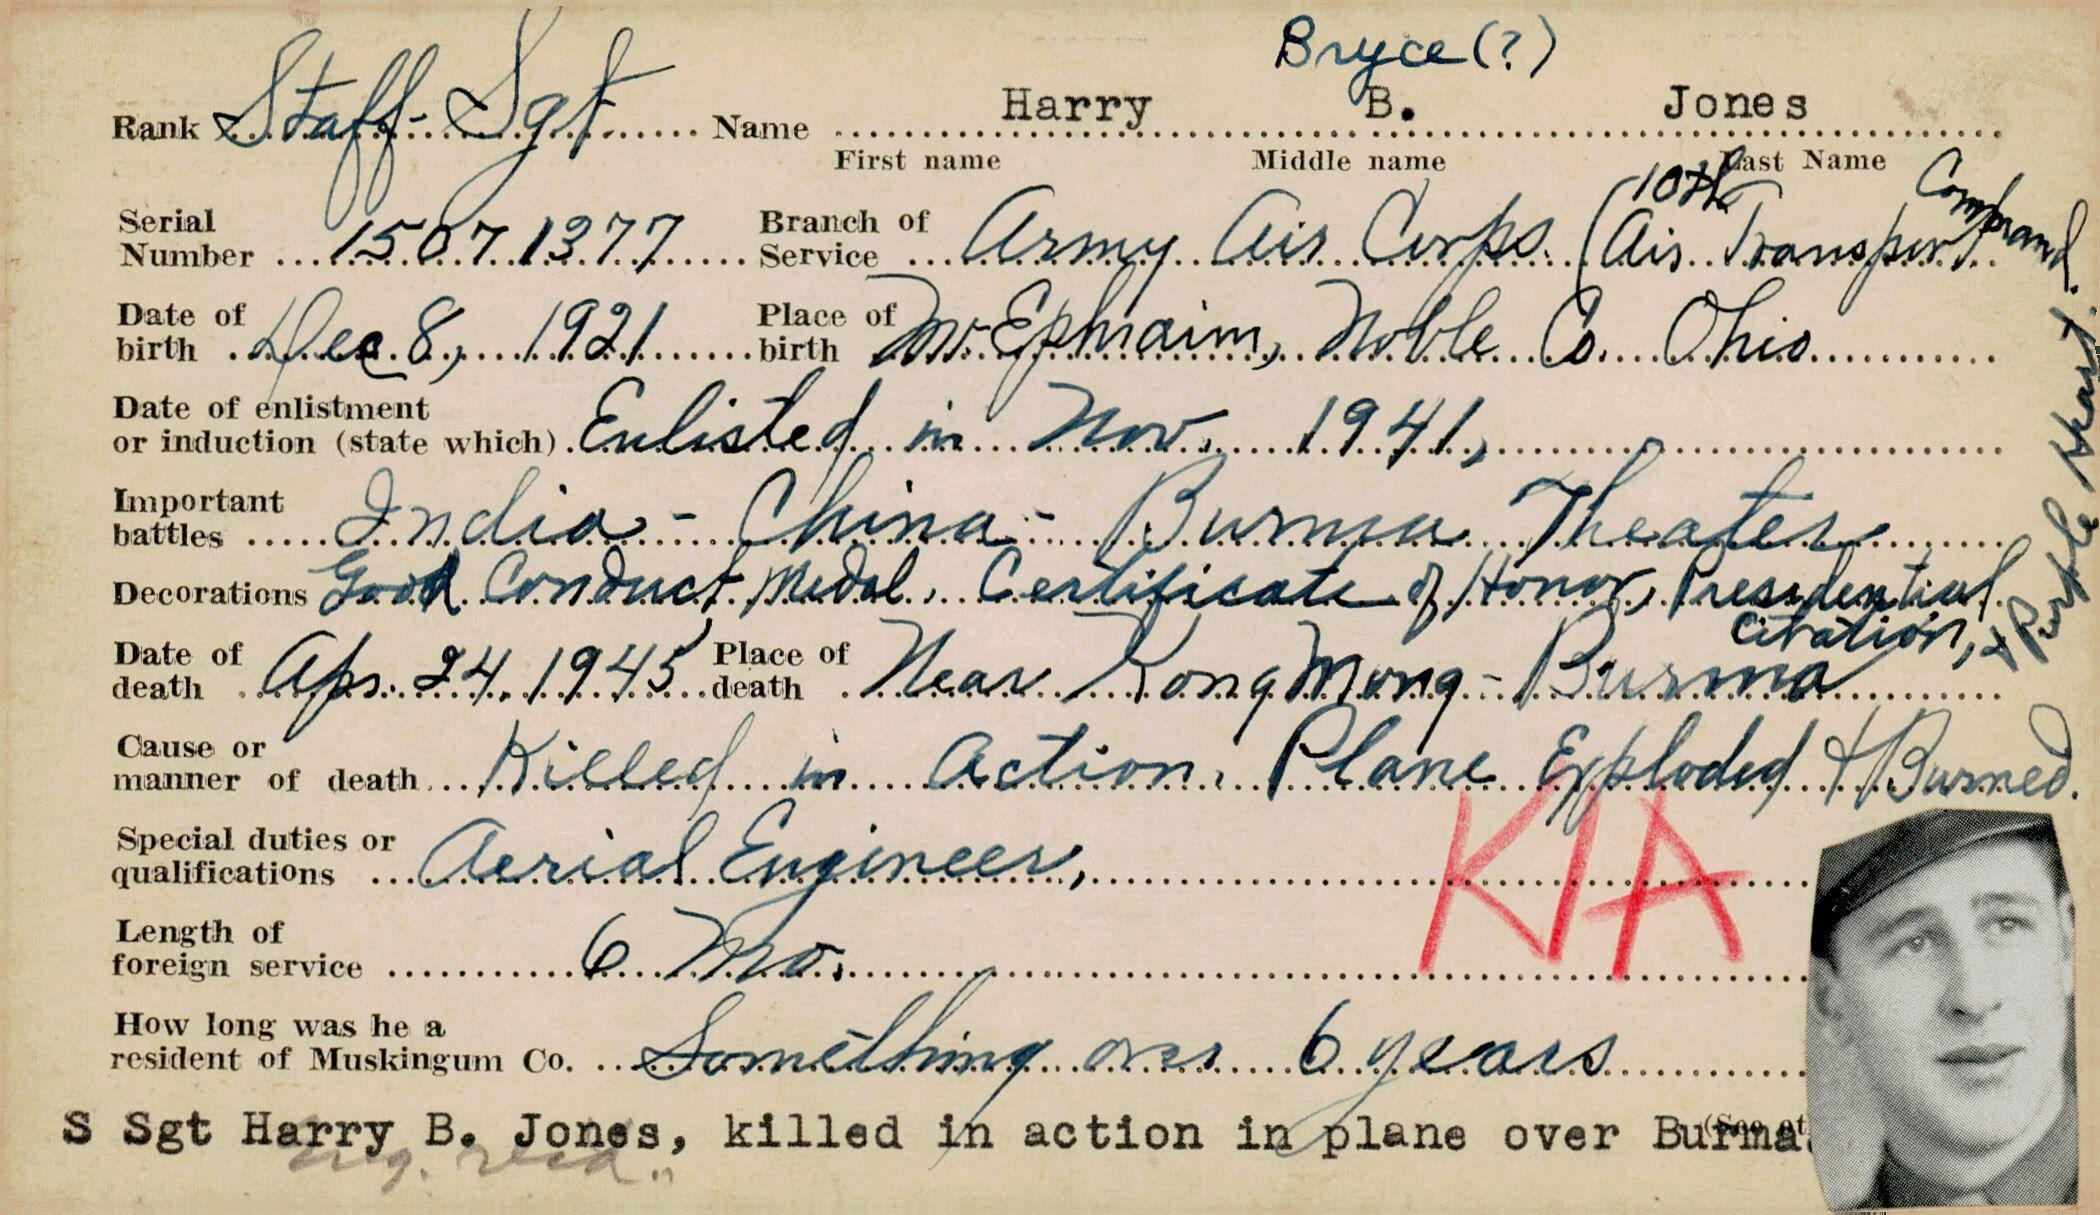 Schneider WWII Muskingum Veterans Archive – J